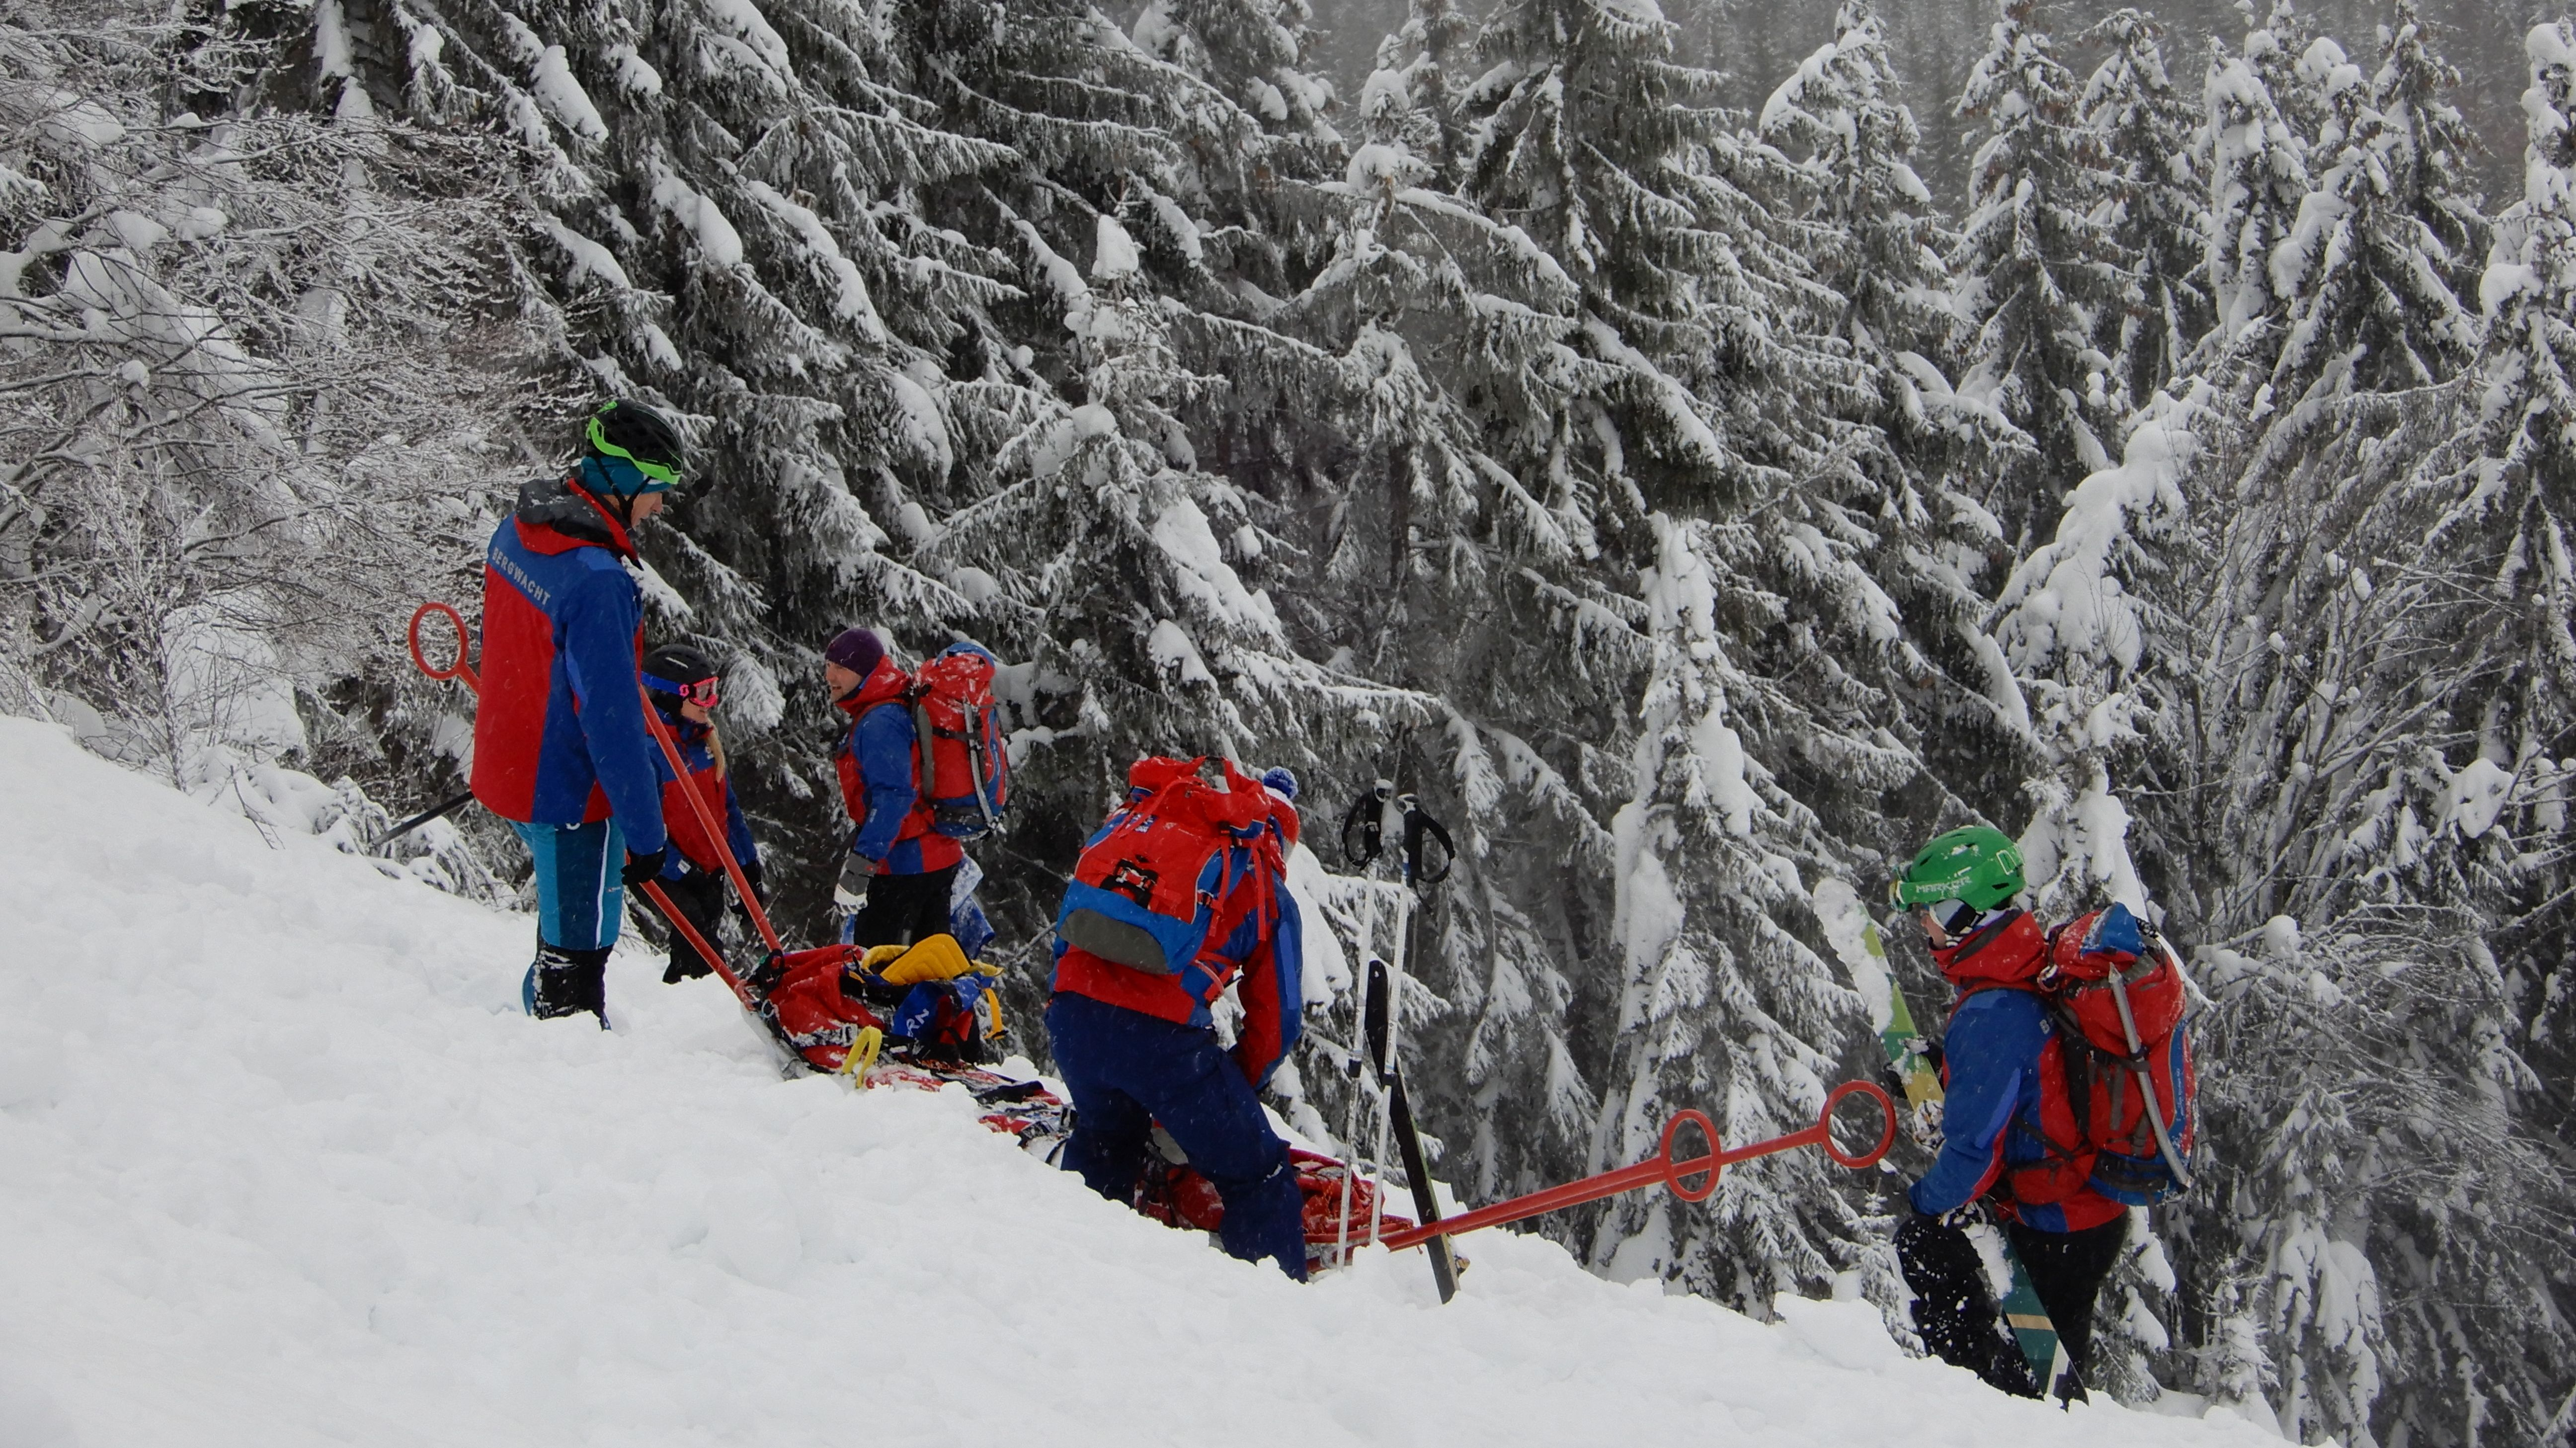 Die meisten Einsätze mit 57 Prozent sind 2018 auf den Winter gefallen: Skifahren, Rodeln, Langlaufen.